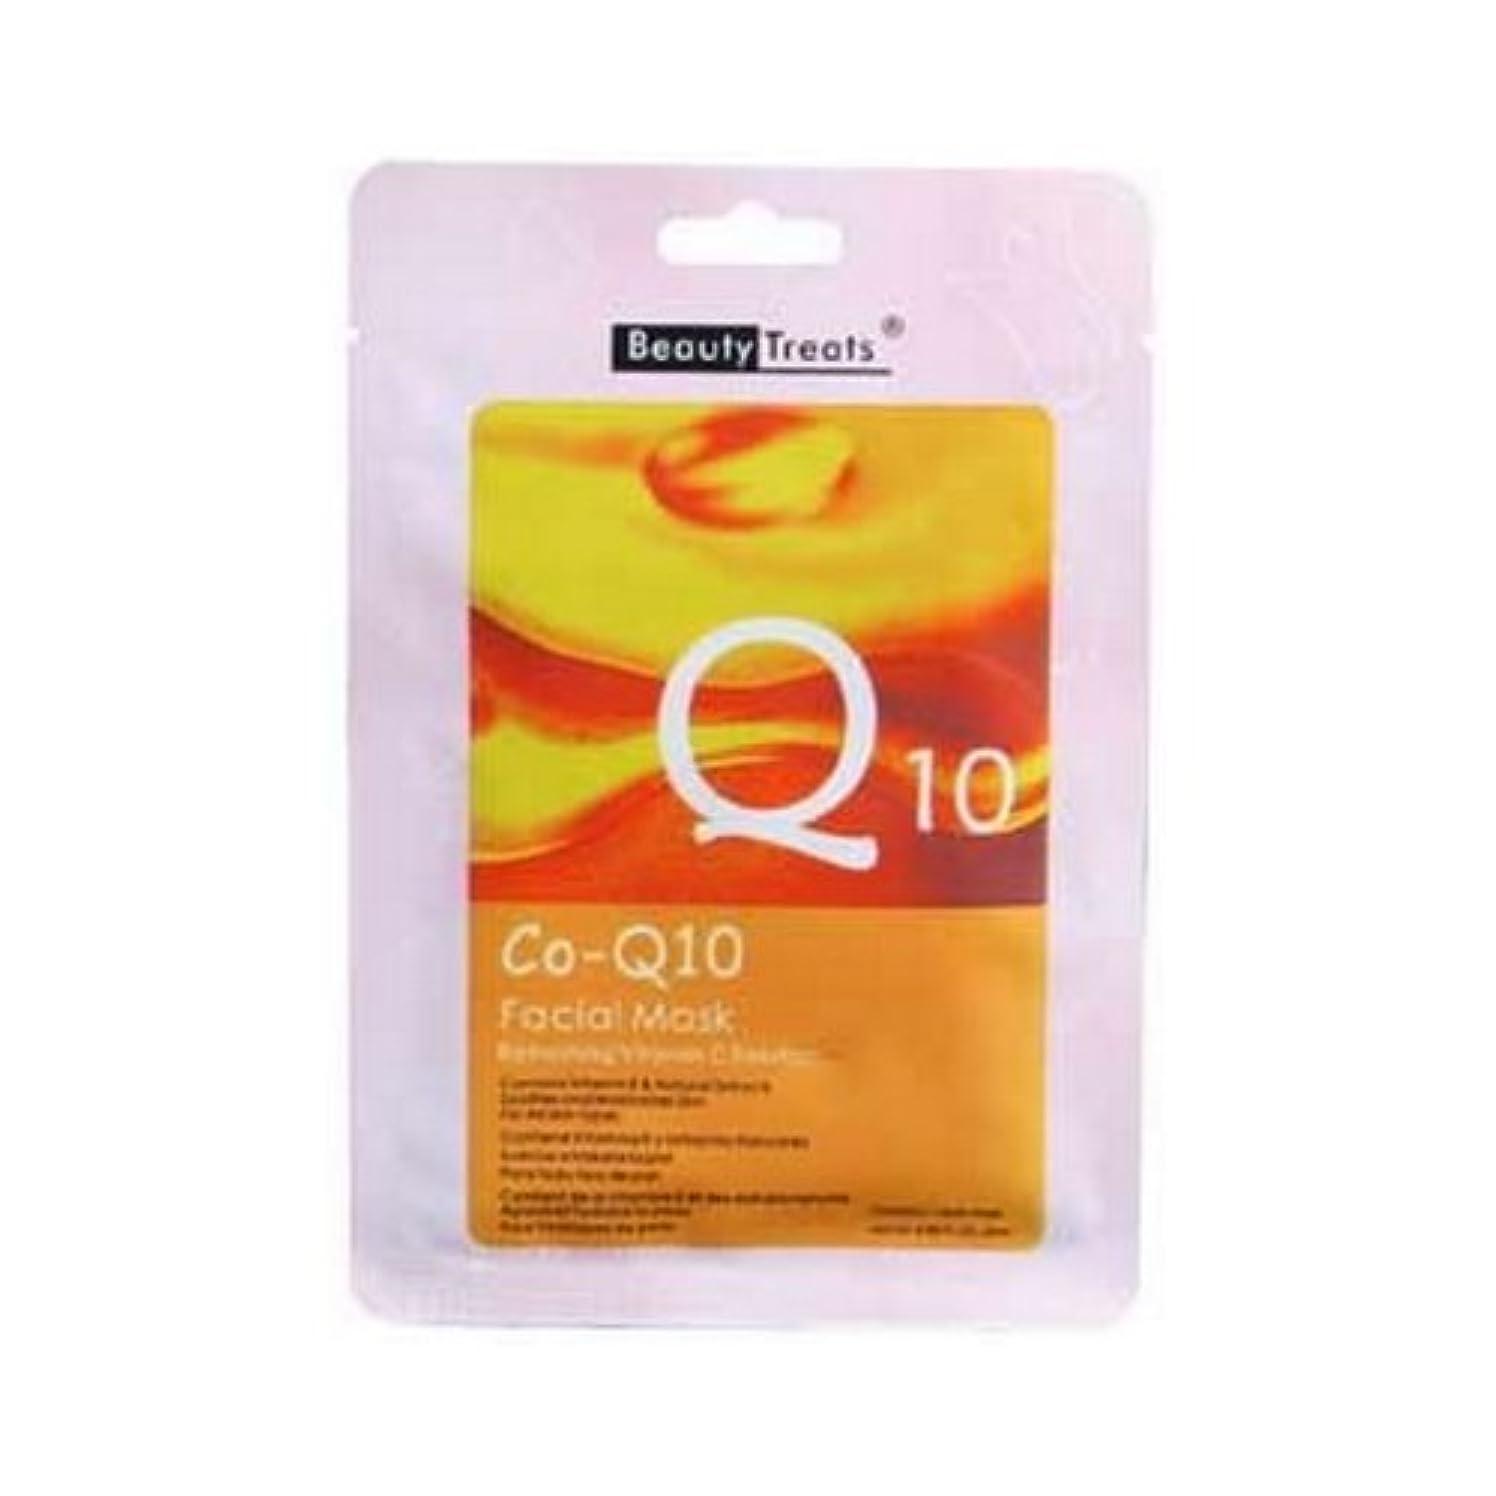 ドレイン不承認スタイル(3 Pack) BEAUTY TREATS Facial Mask Refreshing Vitamin C Solution - Co-Q10 (並行輸入品)